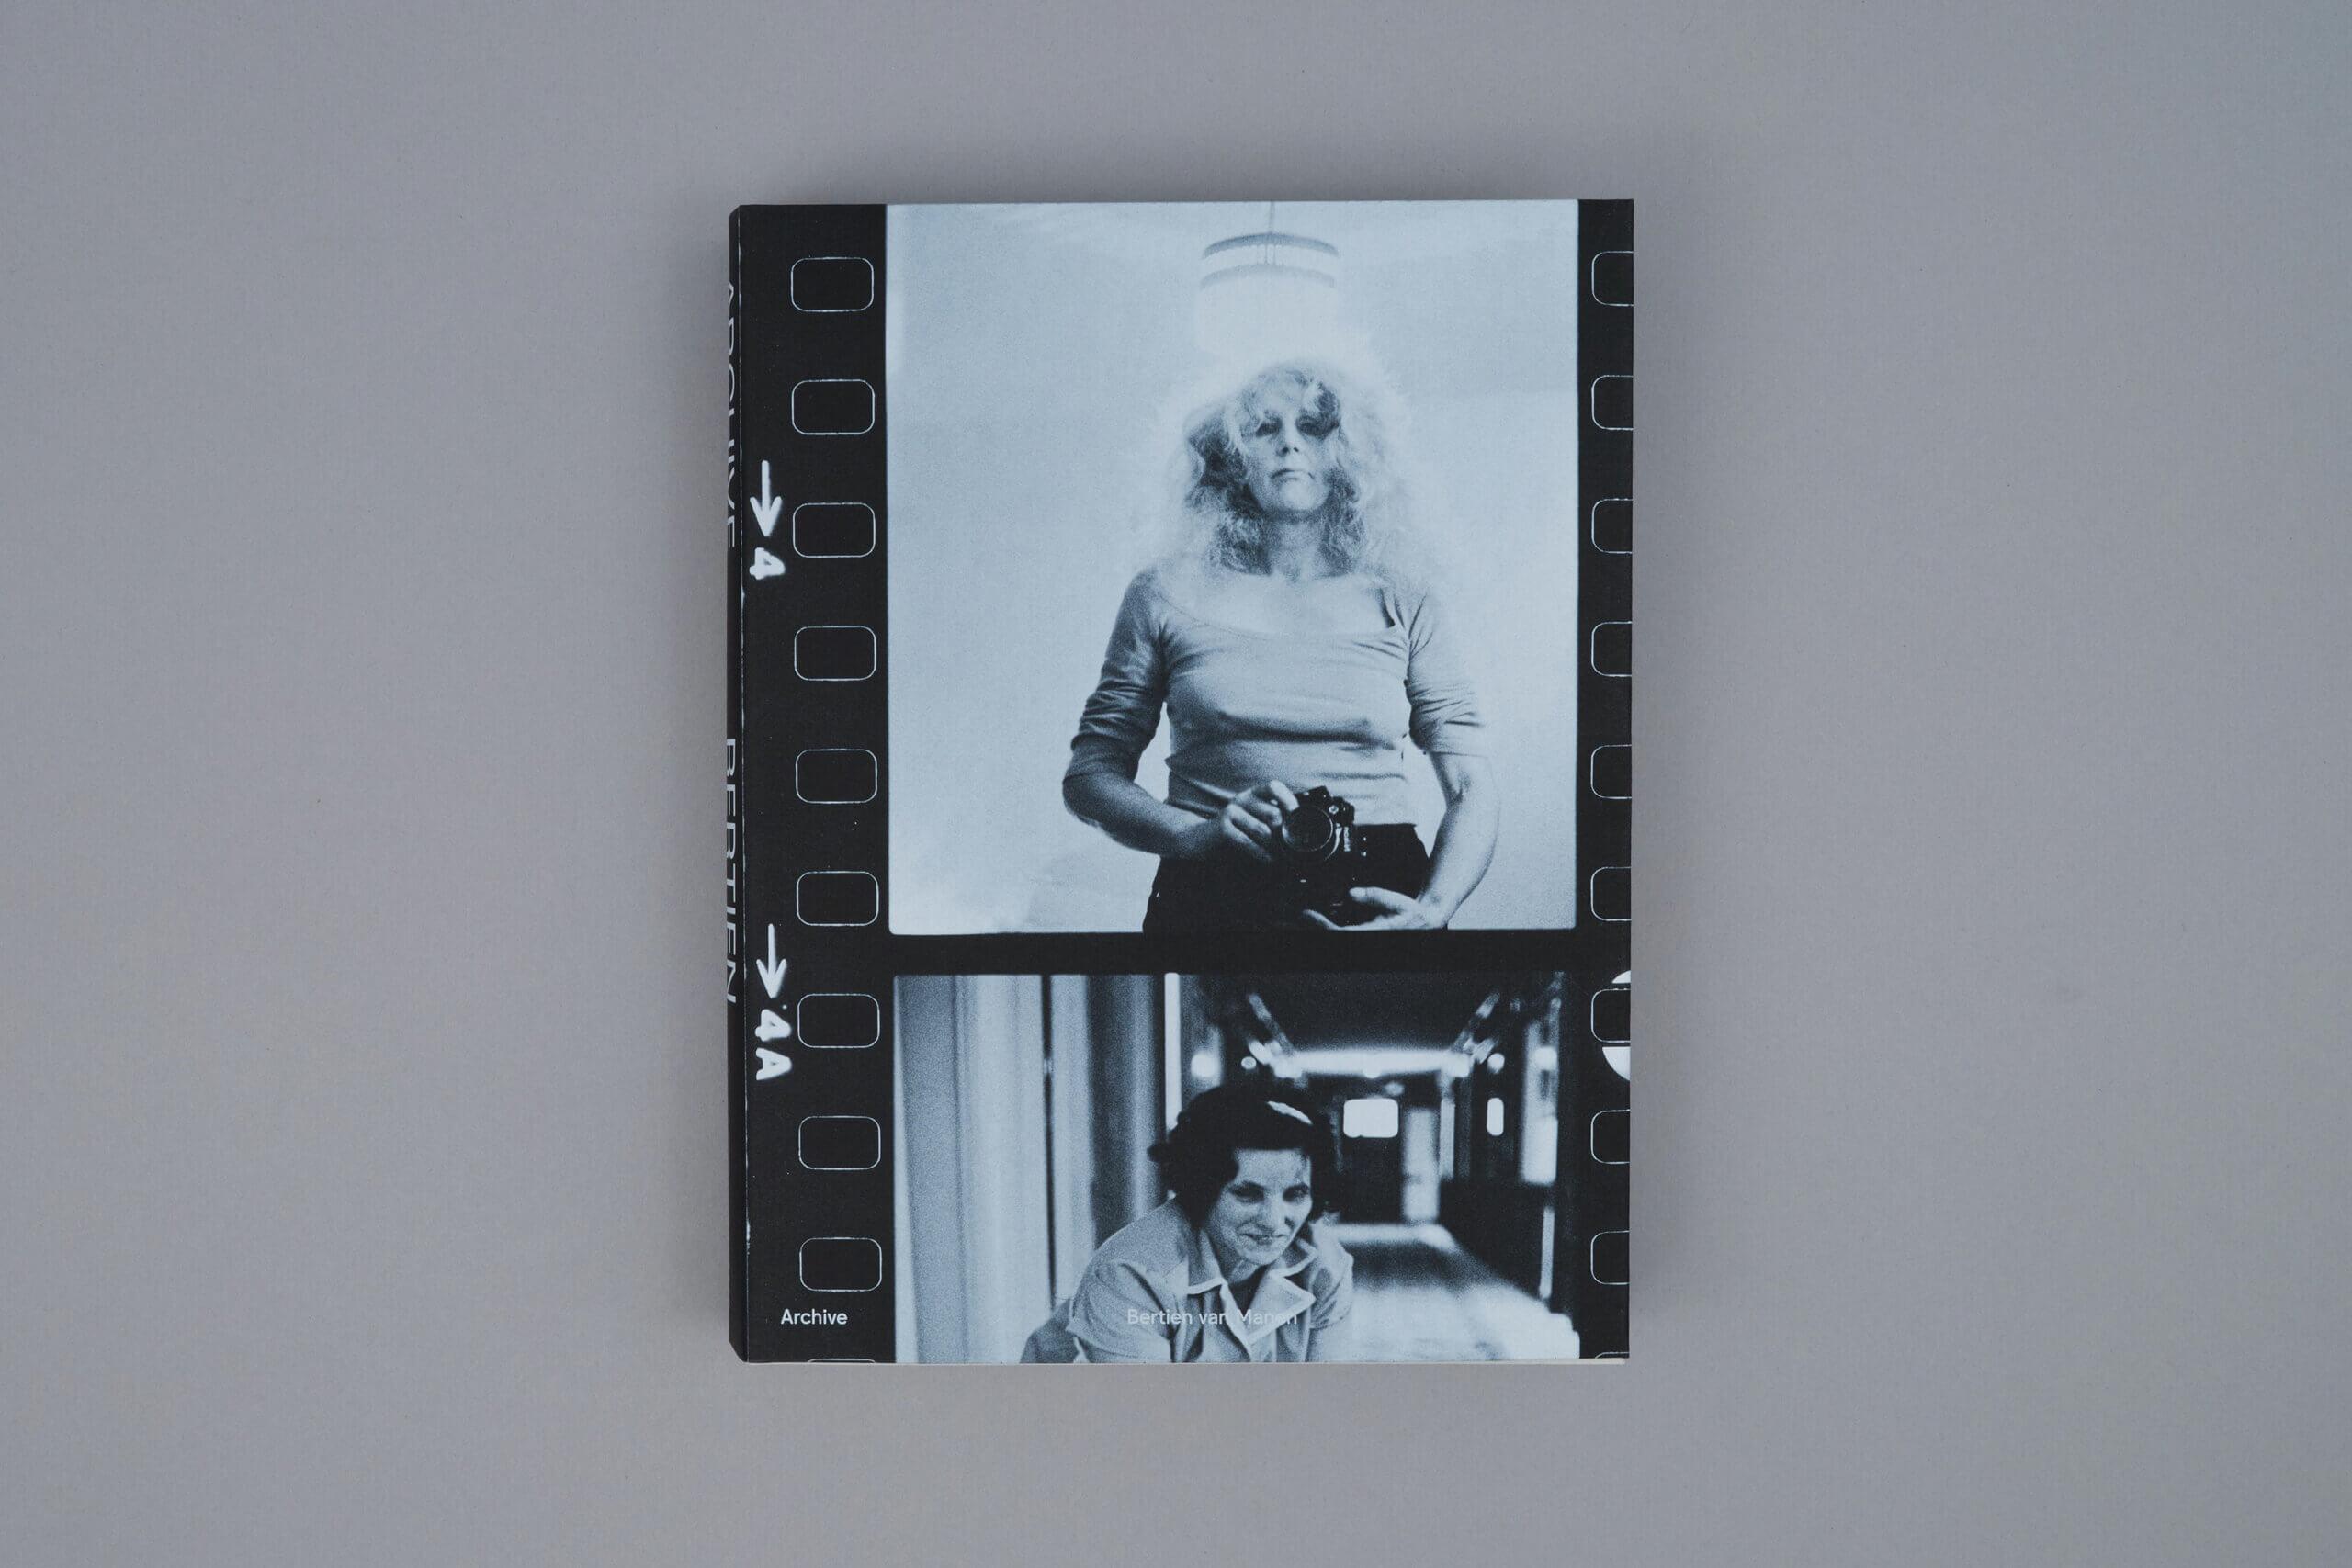 archive-van-manen-mack-cover